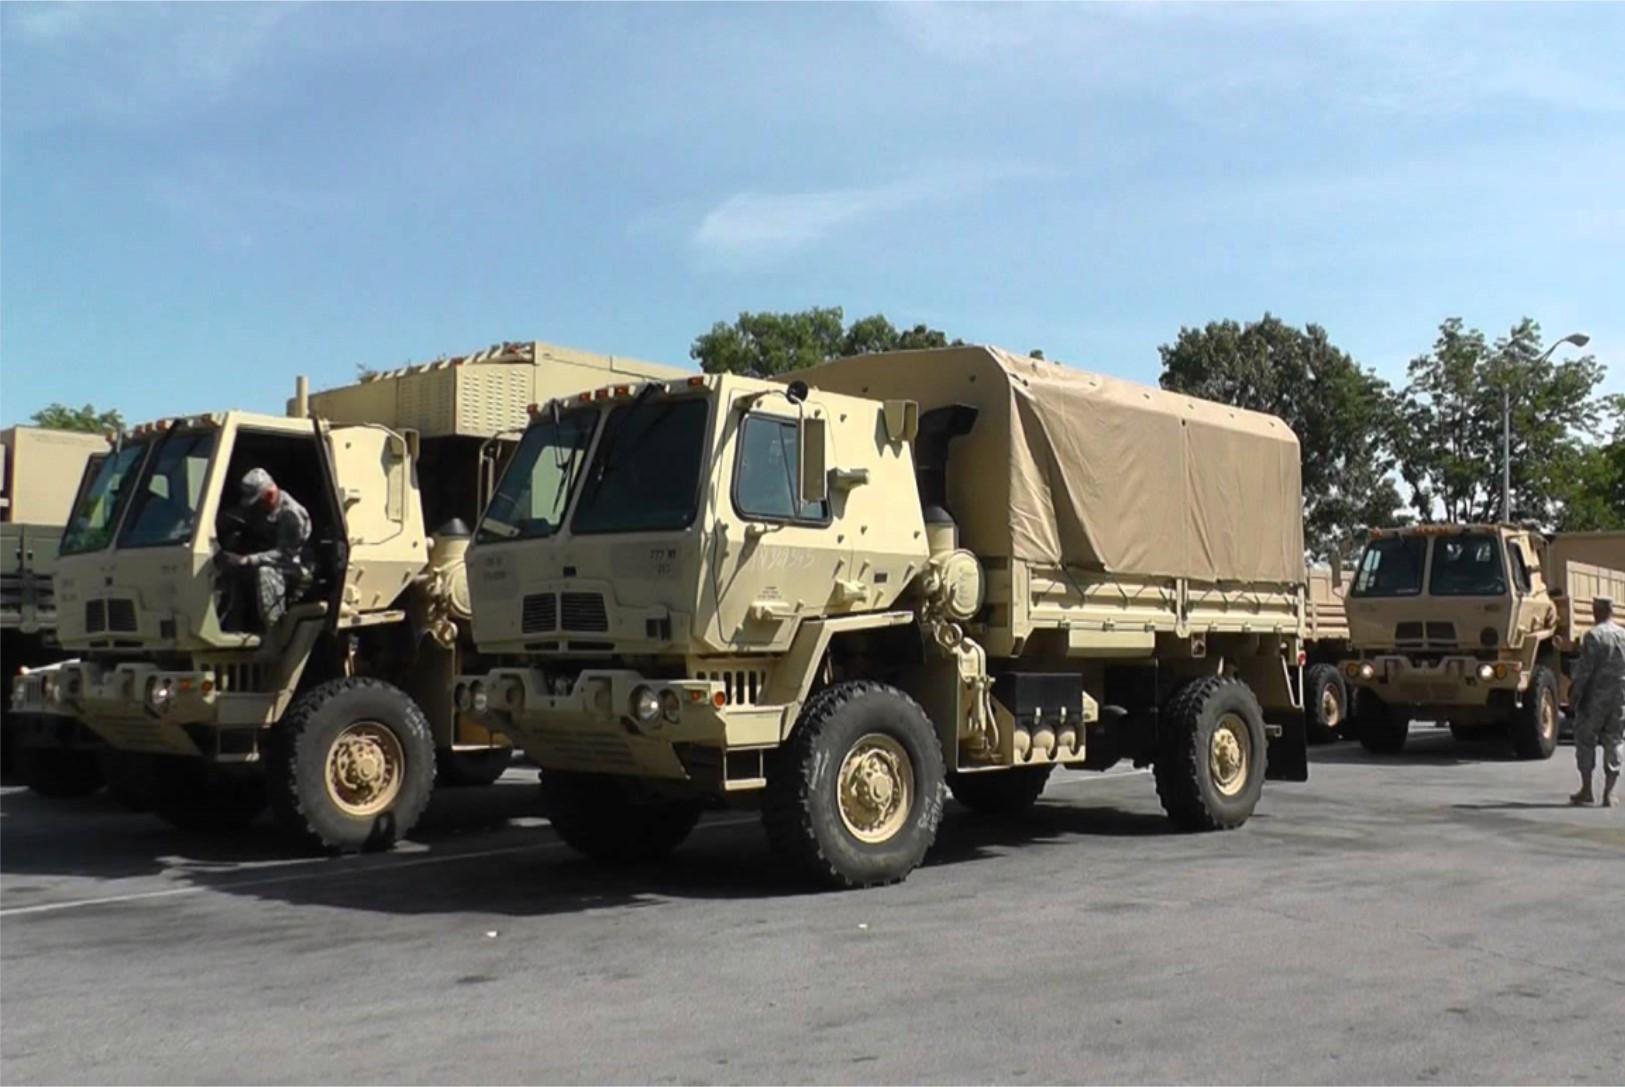 army trucks at a stop.jpg